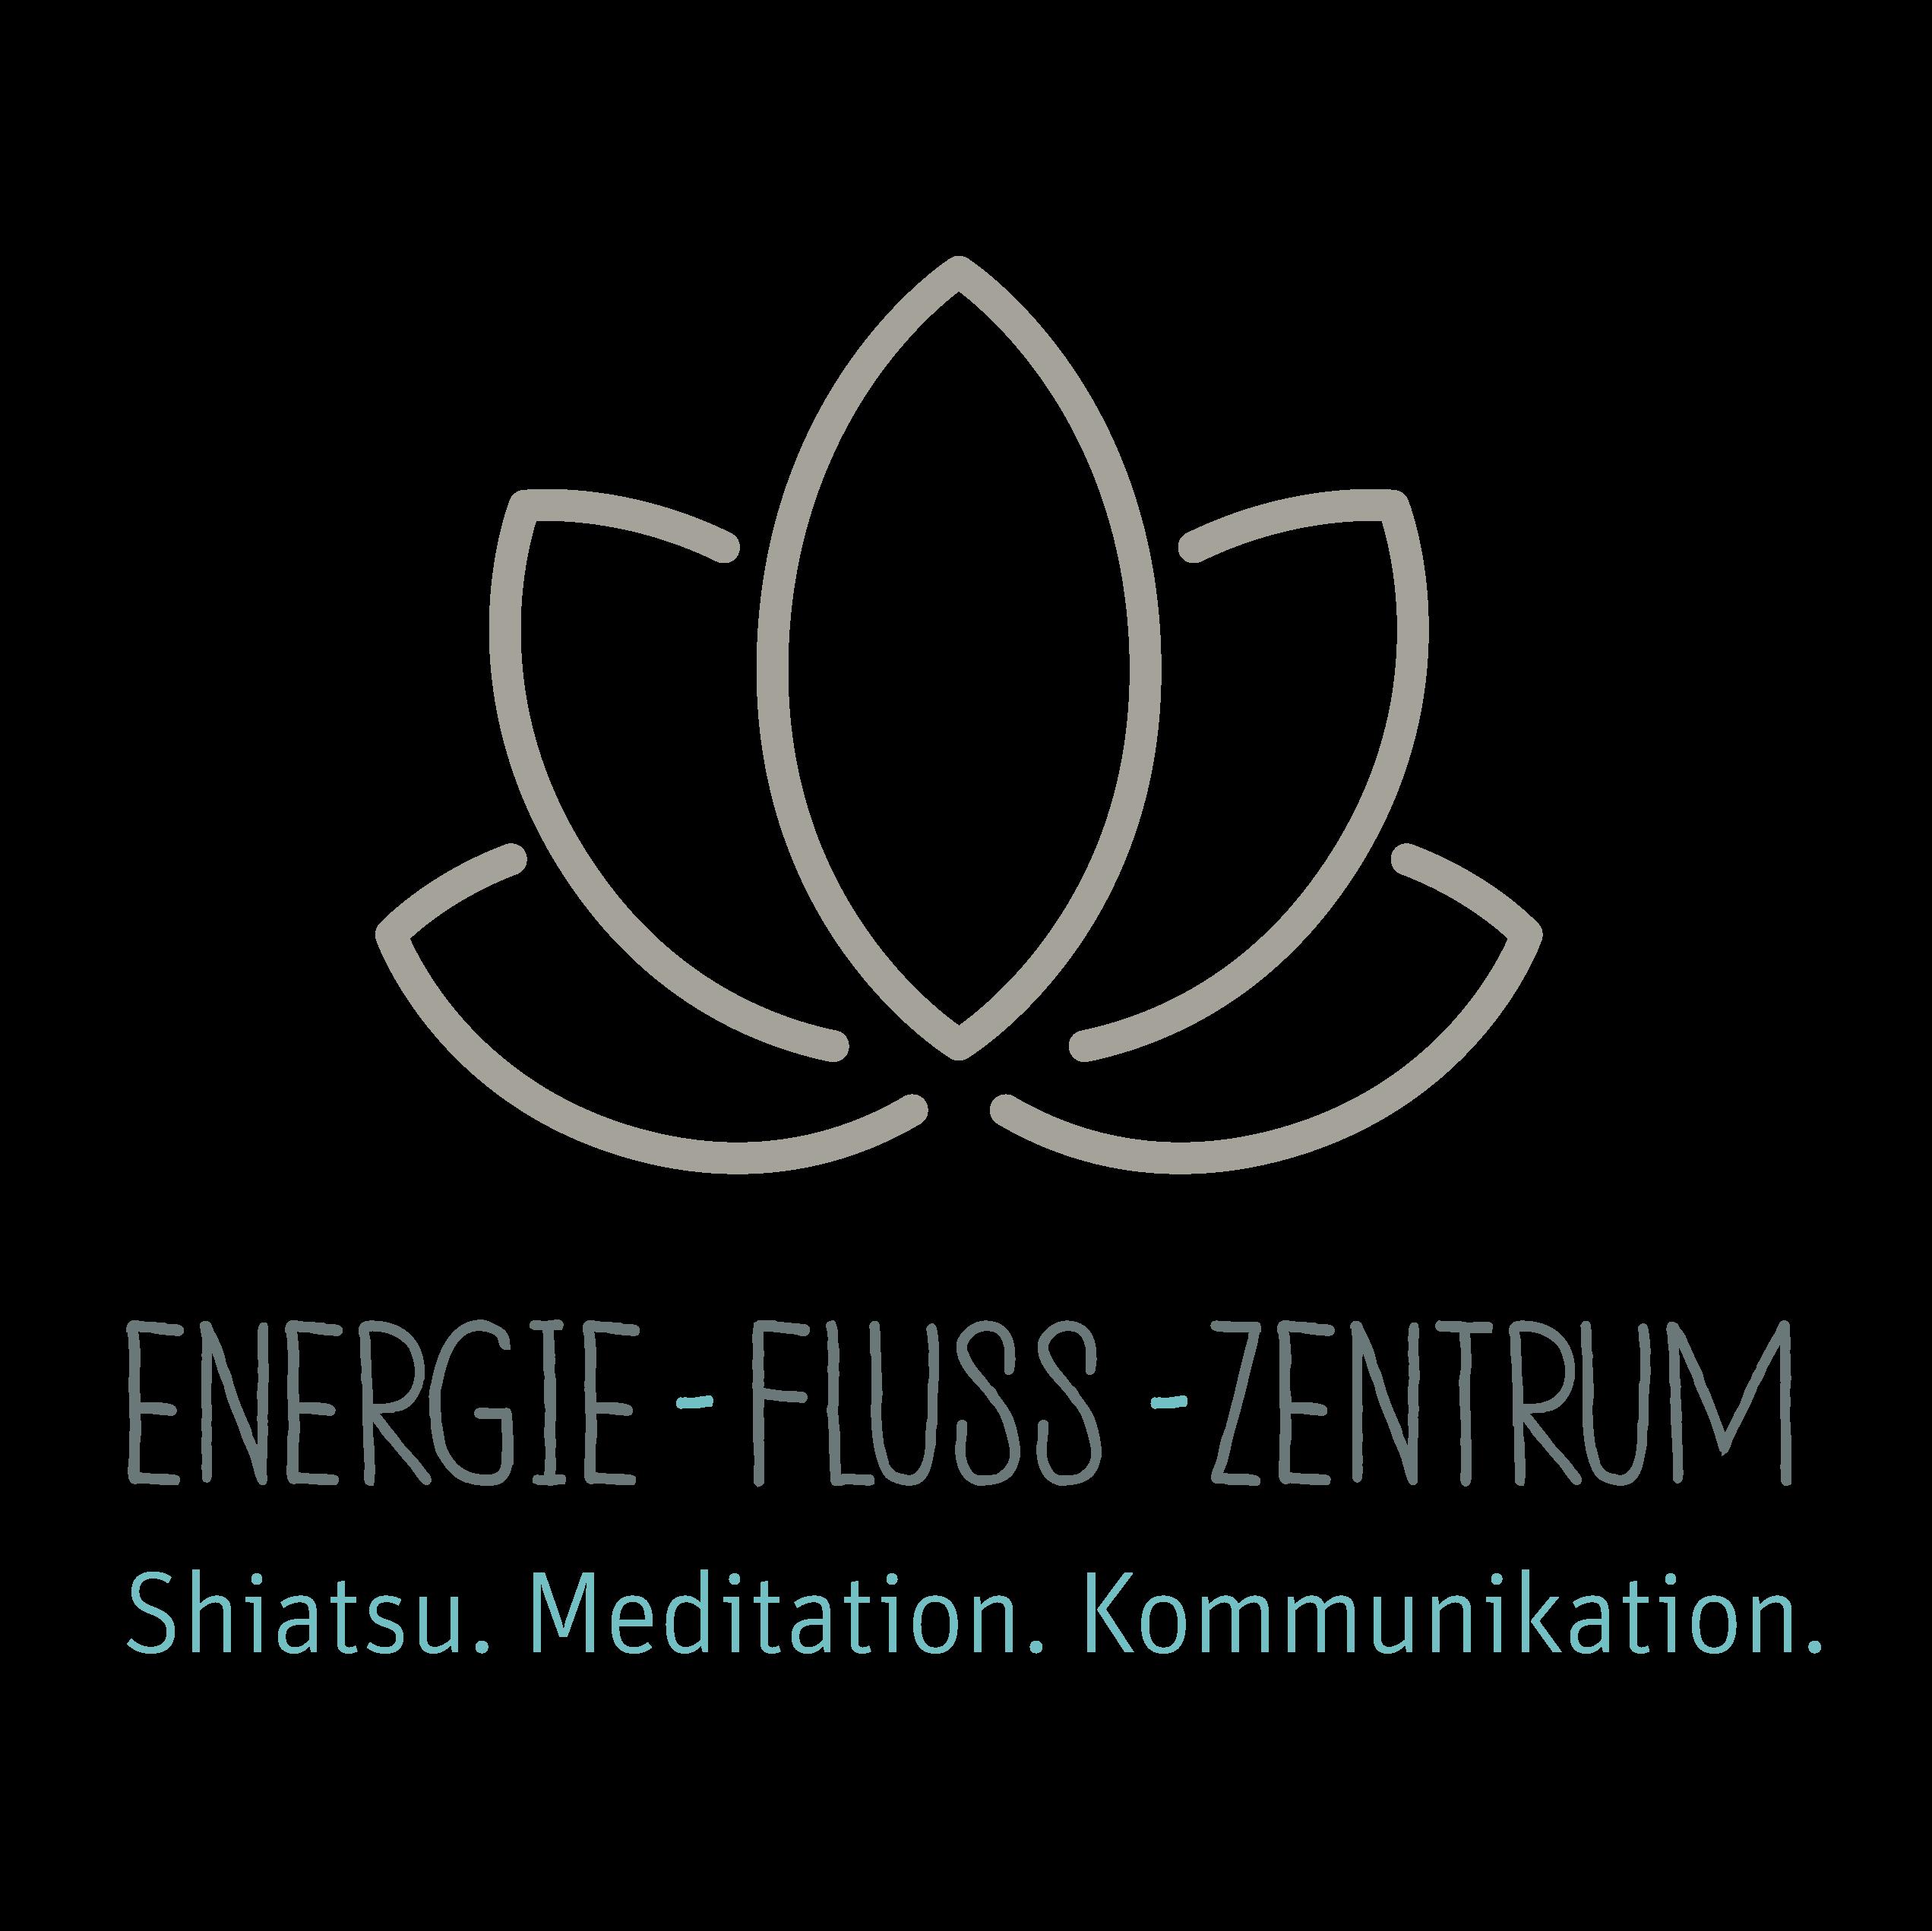 Energie. Fluss. Zentrum